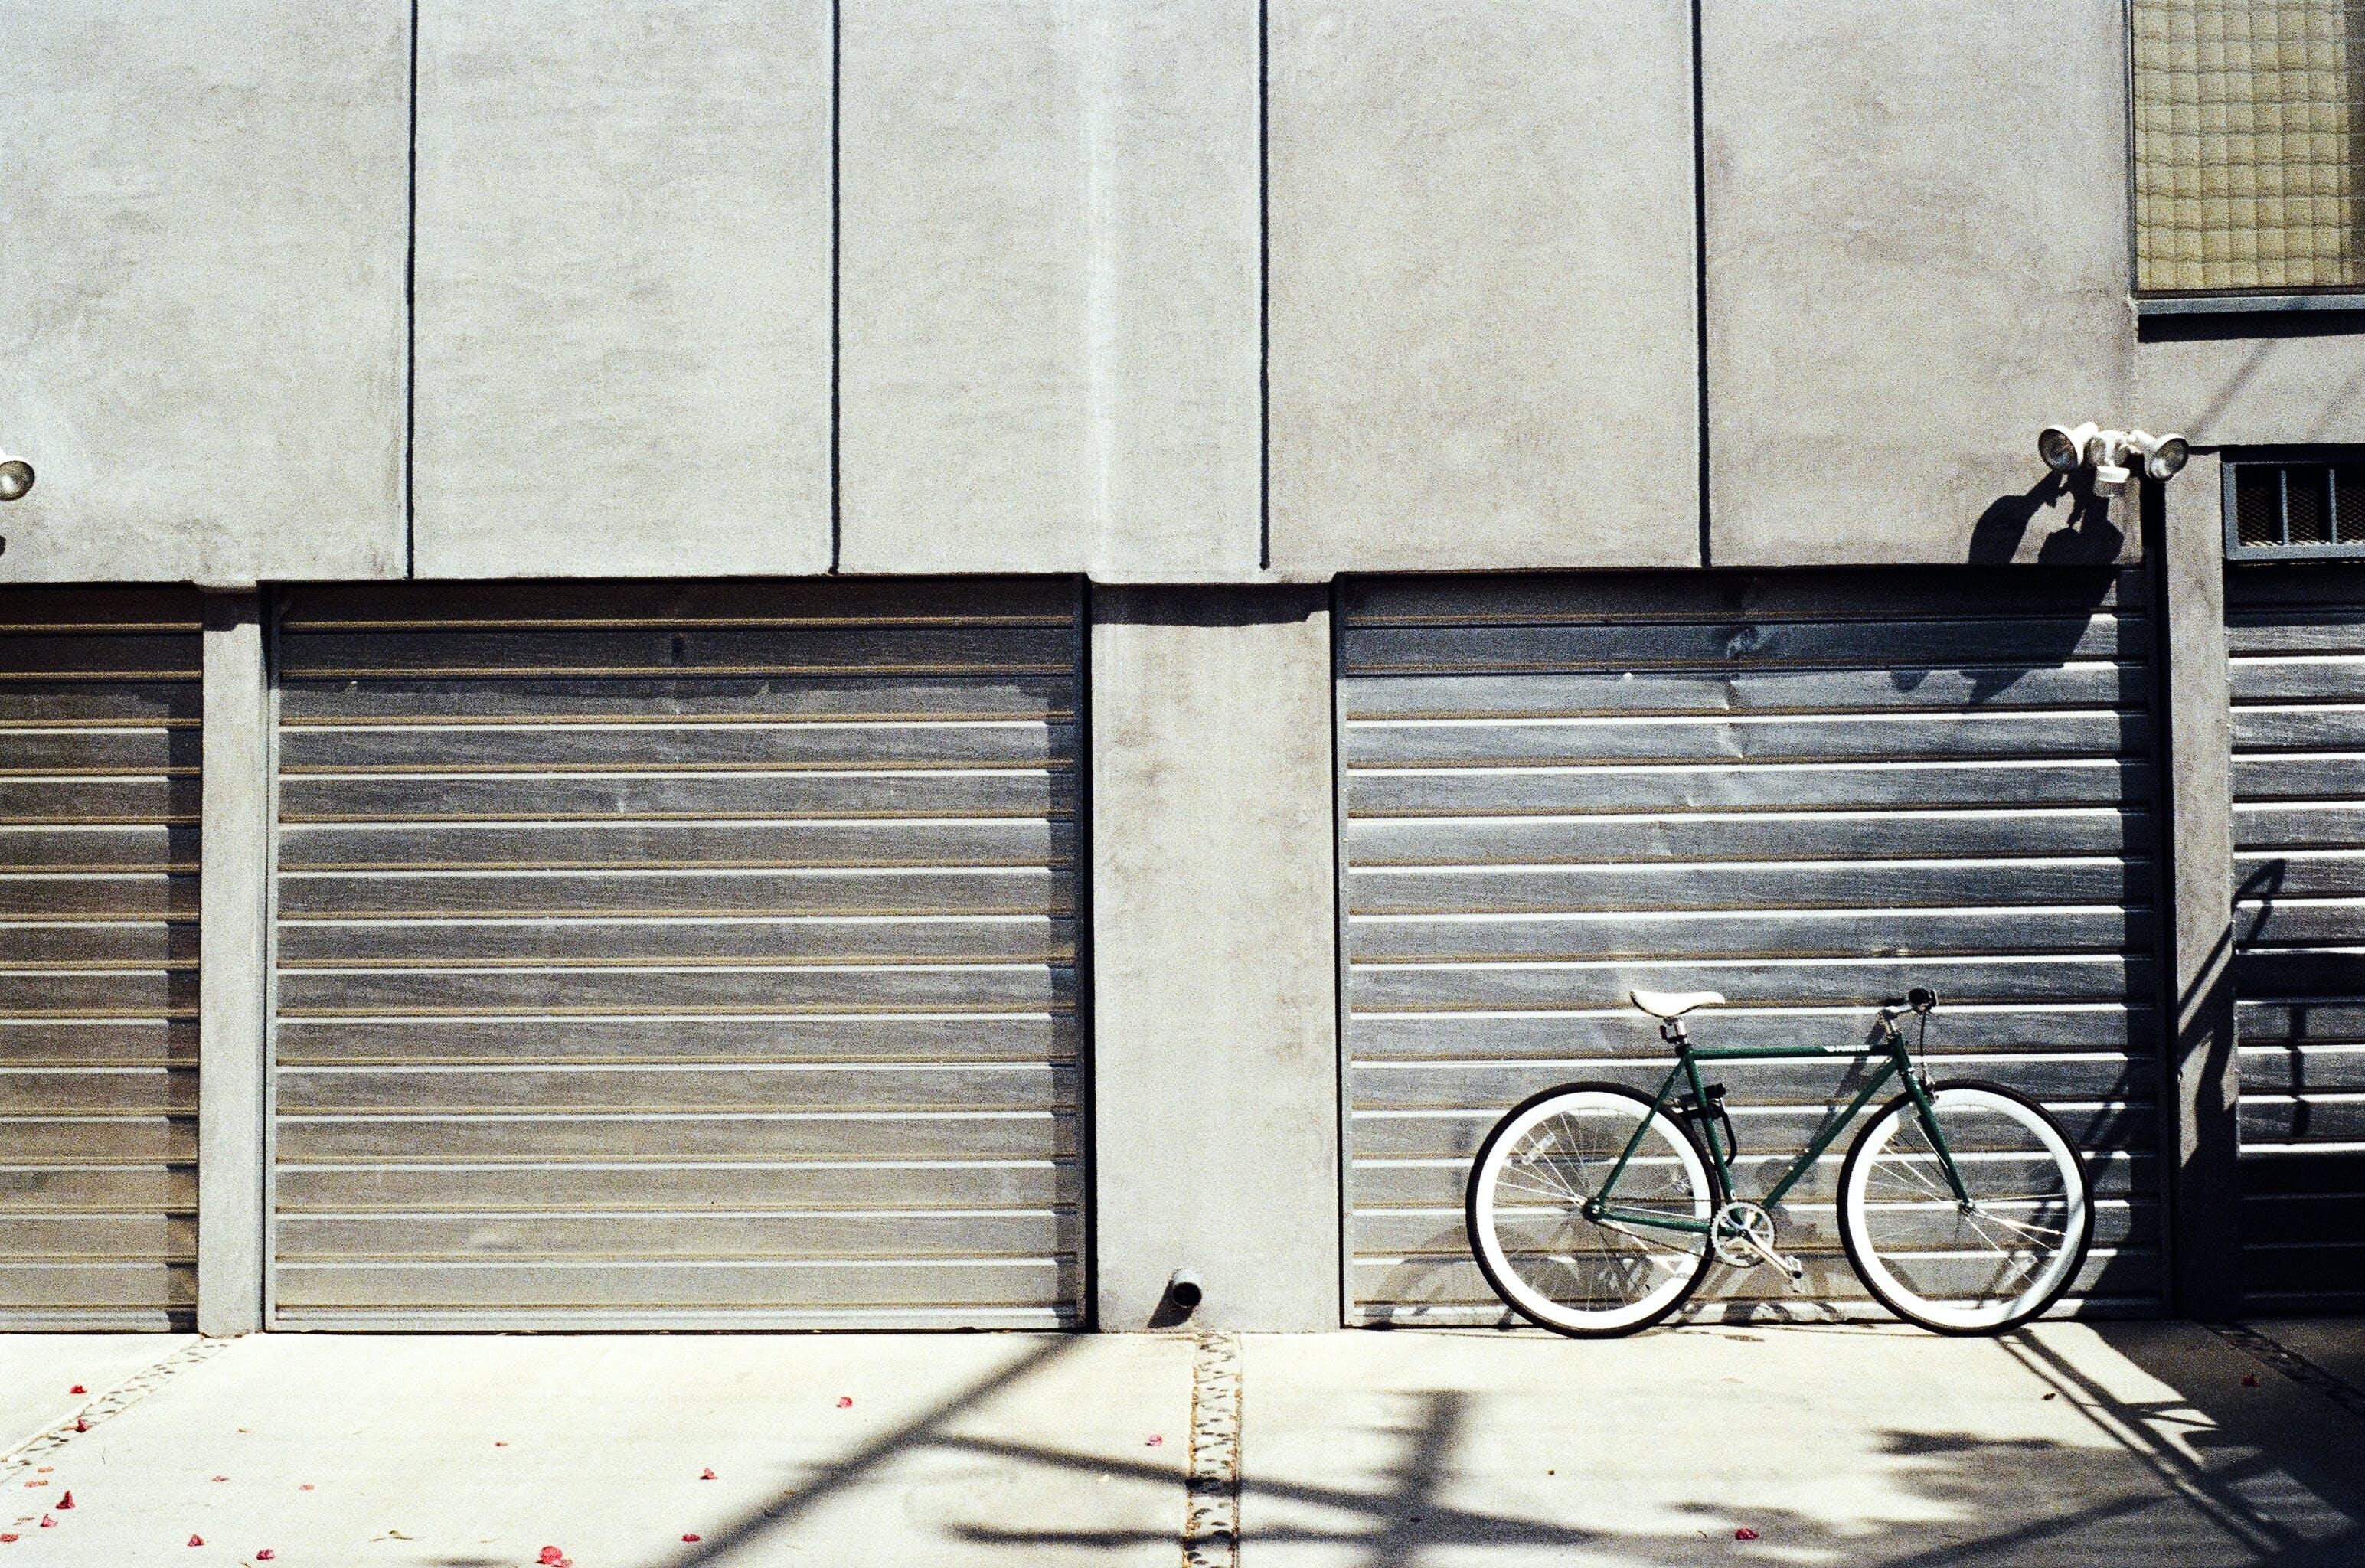 자전거, 정비소, 차고